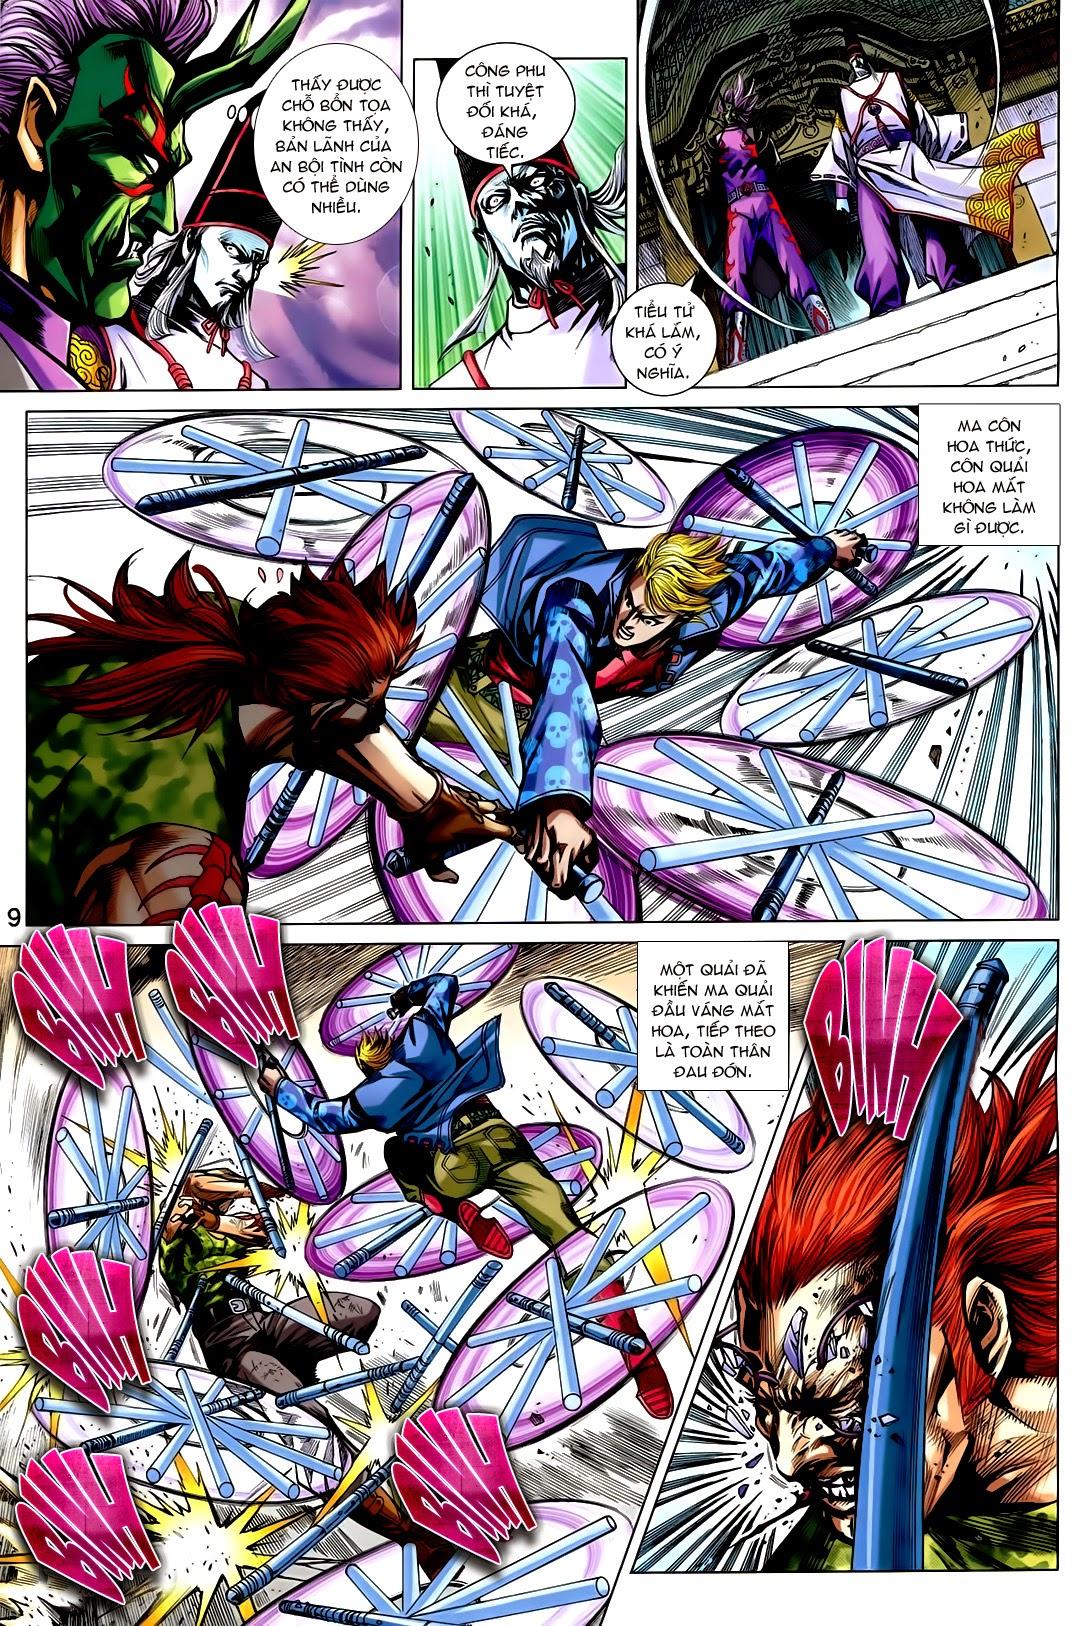 Tân Tác Long Hổ Môn chap 730 - Trang 19